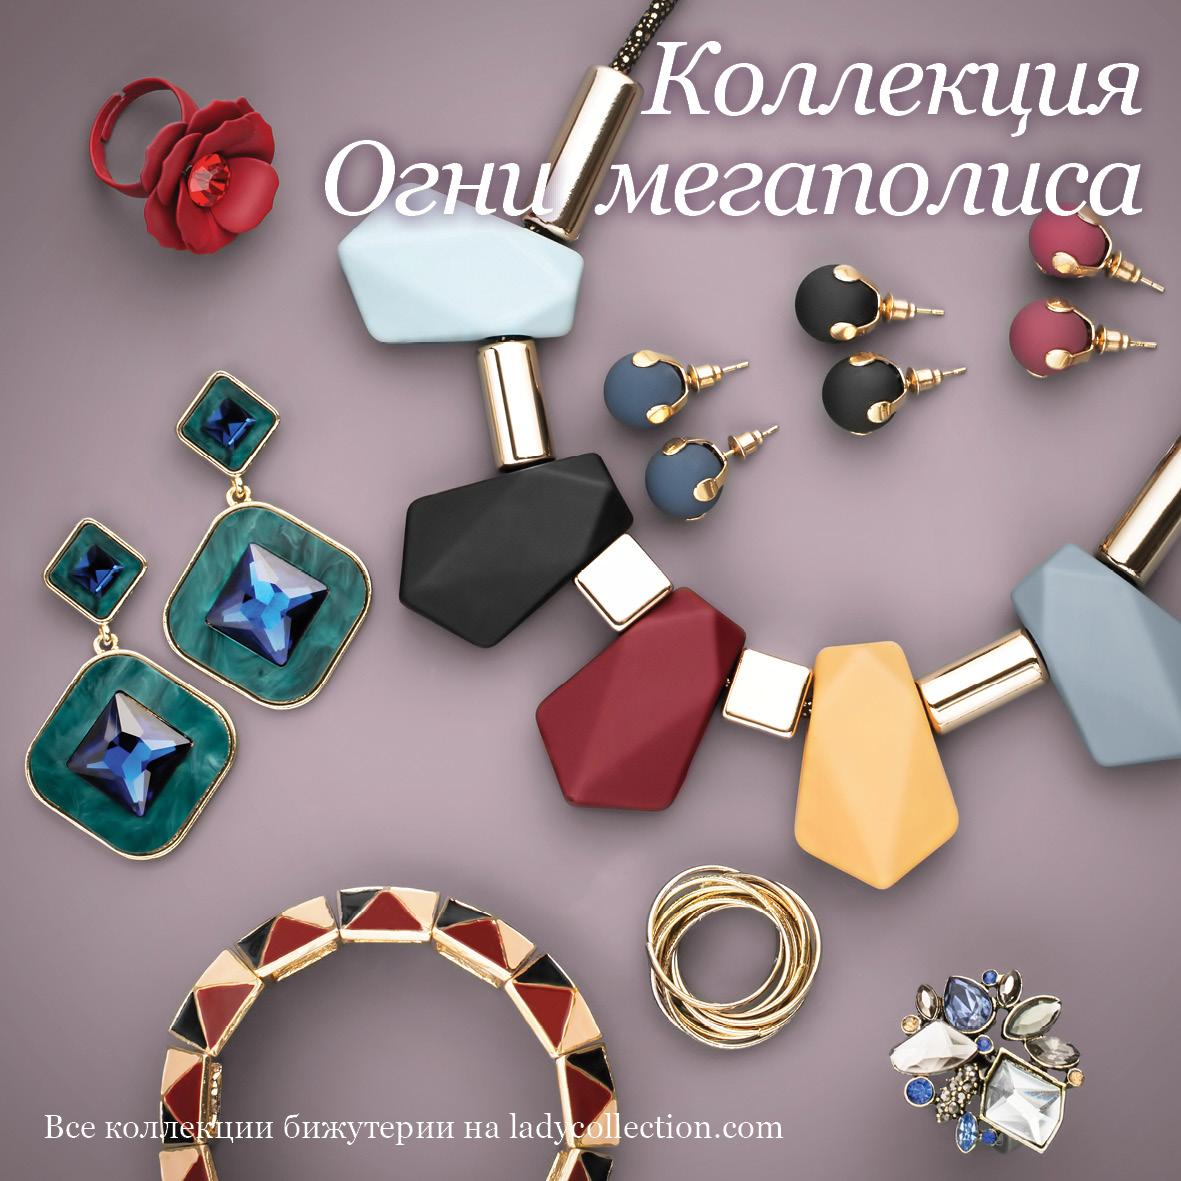 Кольца, браслеты, серьги, украшения в магазине Lady Collection